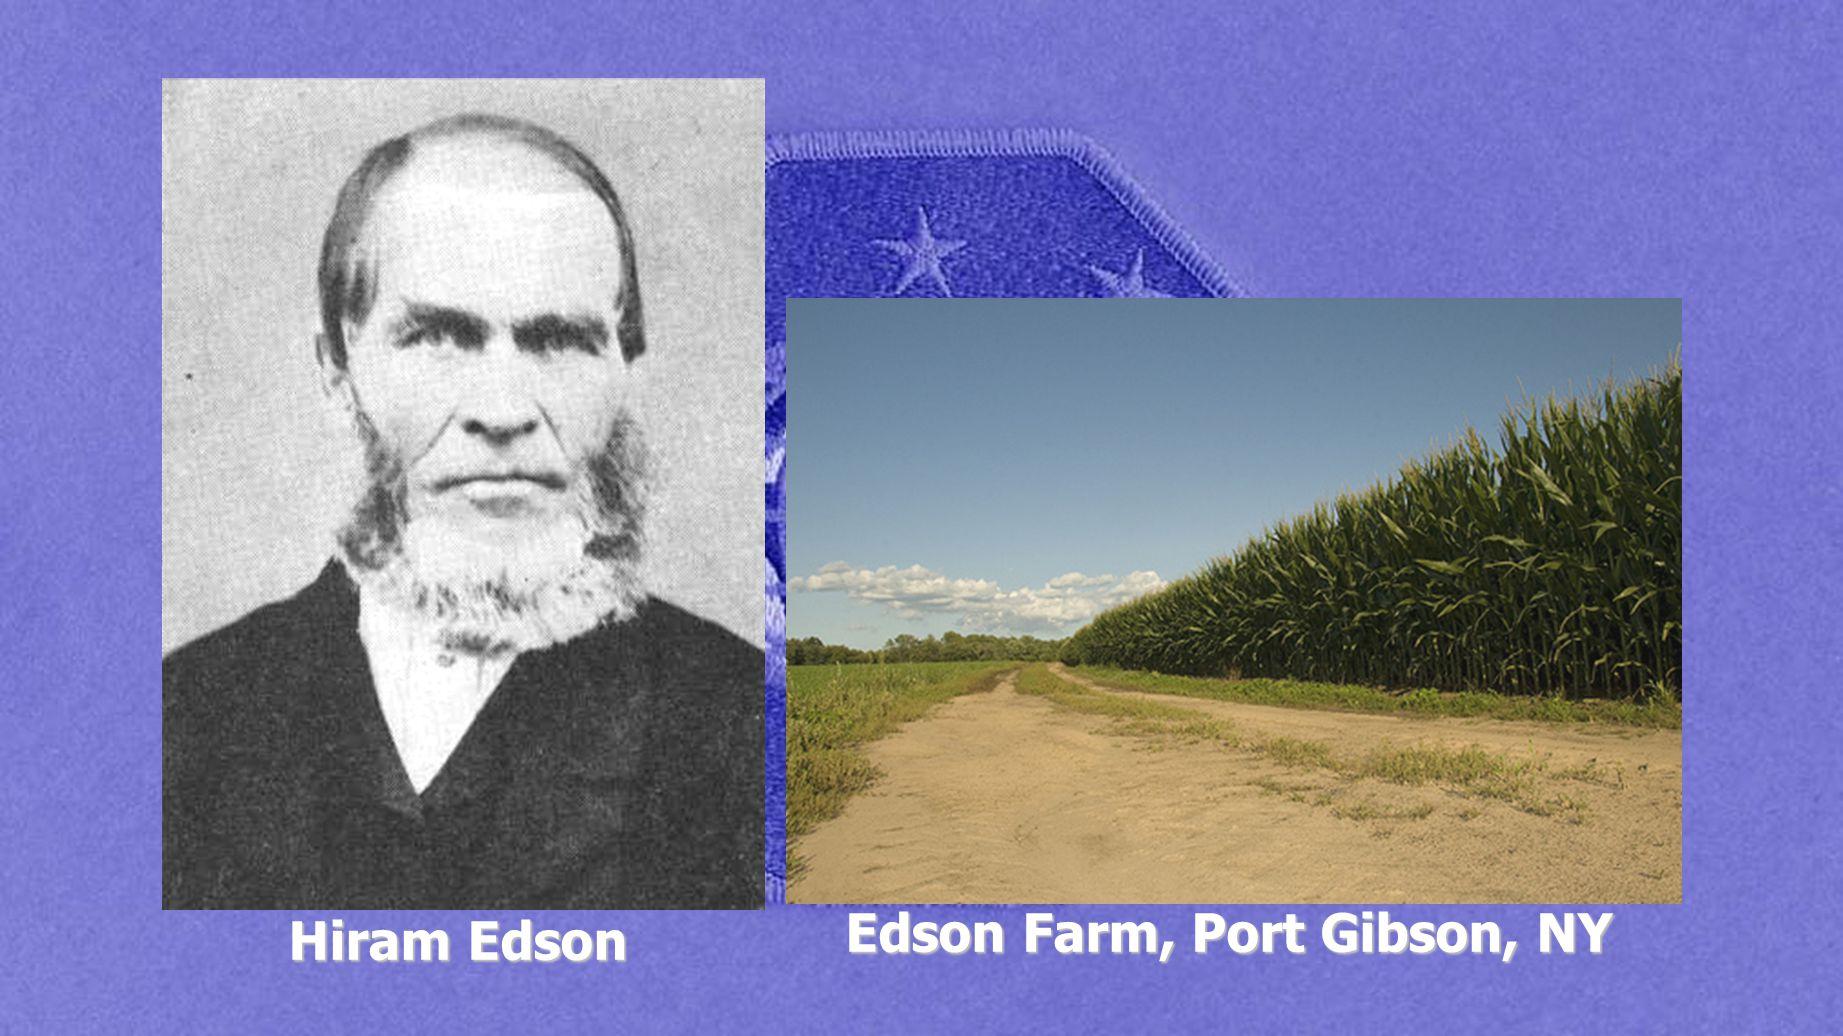 Hiram Edson Edson Farm, Port Gibson, NY